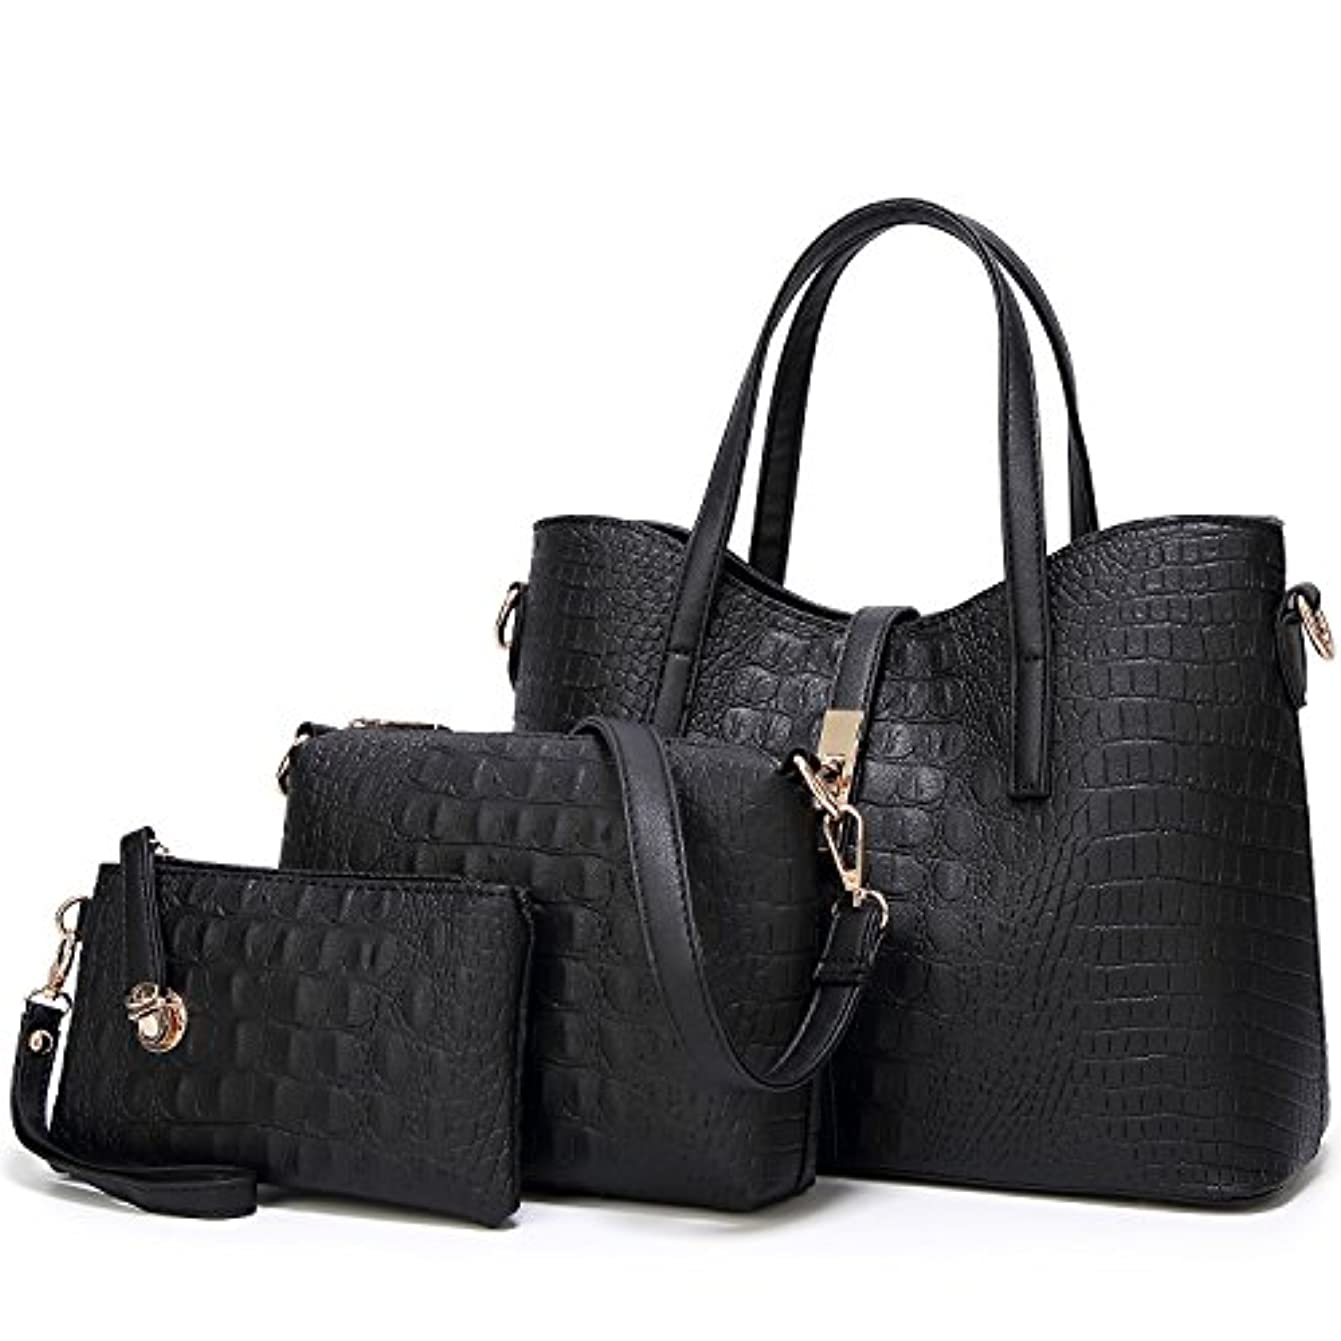 すり減る仕える均等に[TcIFE] ハンドバッグ レディース トートバッグ 大容量 無地 ショルダーバッグ 2way 財布とハンドバッグ